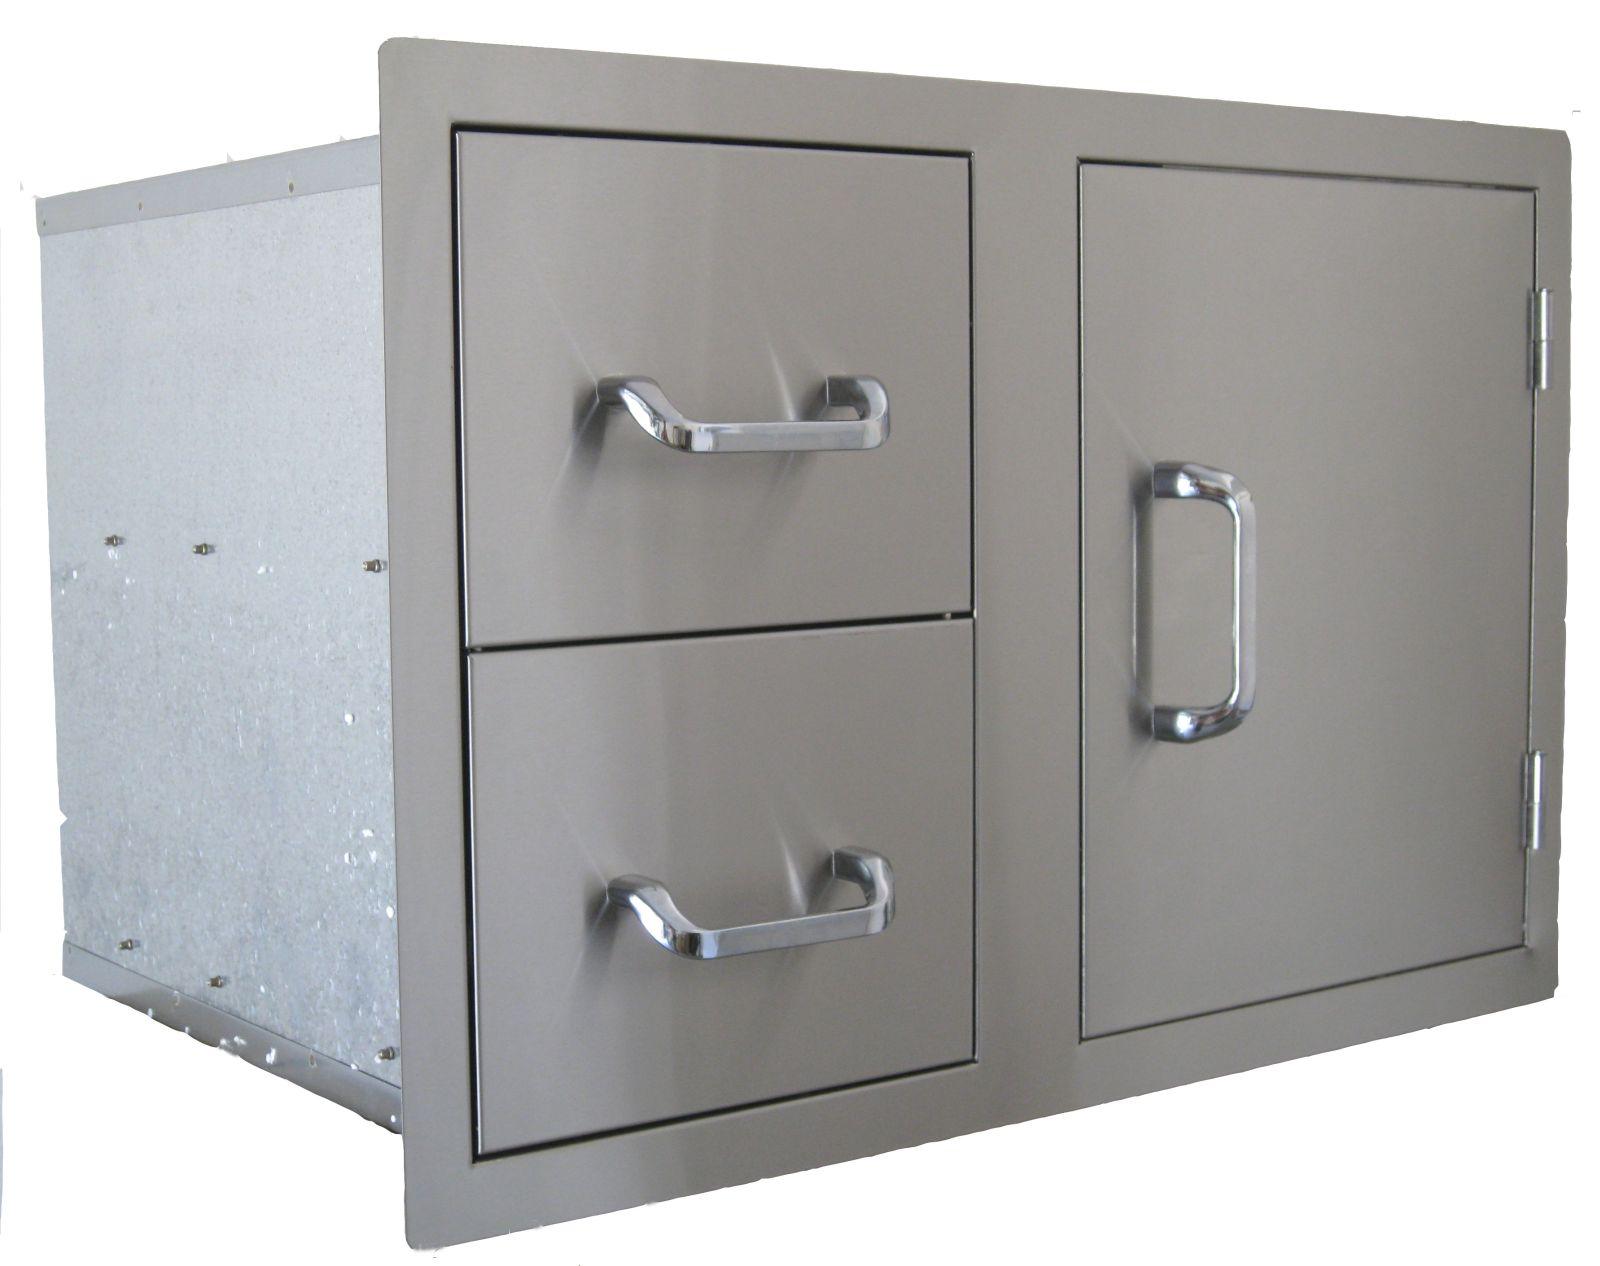 Outdoorküche Tür Günstig : Outdoorküche doppelschublade zugangstür kombination roc products